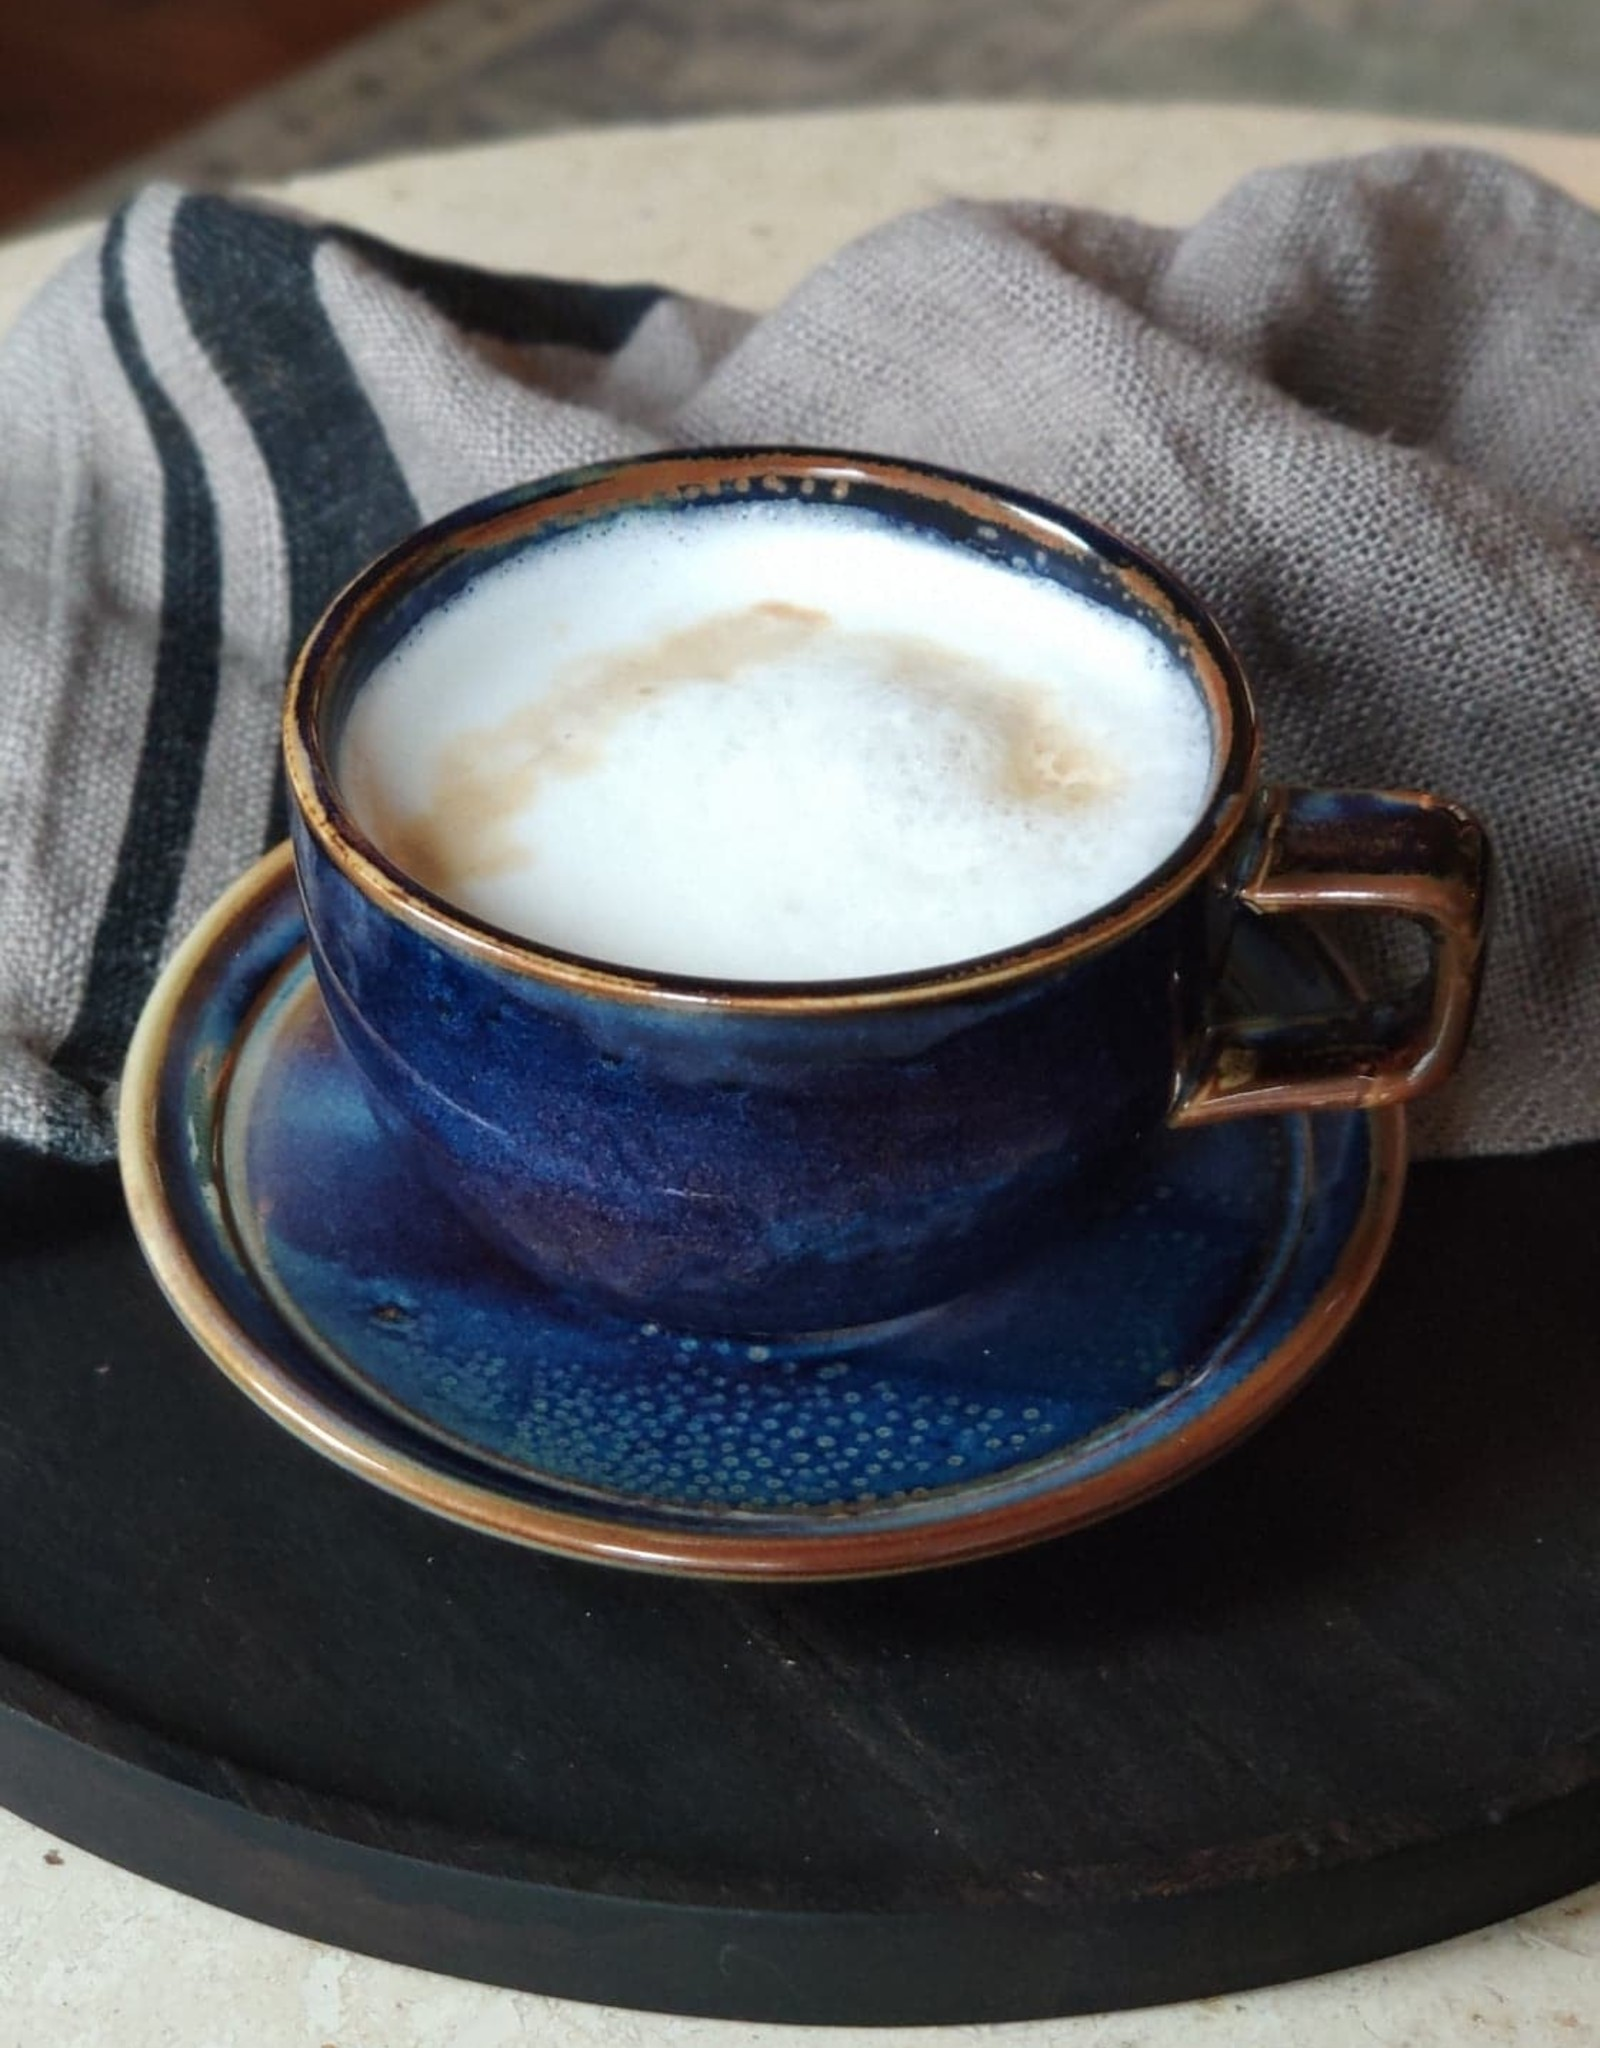 Onderbord Galaxy universeel voor espresso-, cappuccino en koffietas